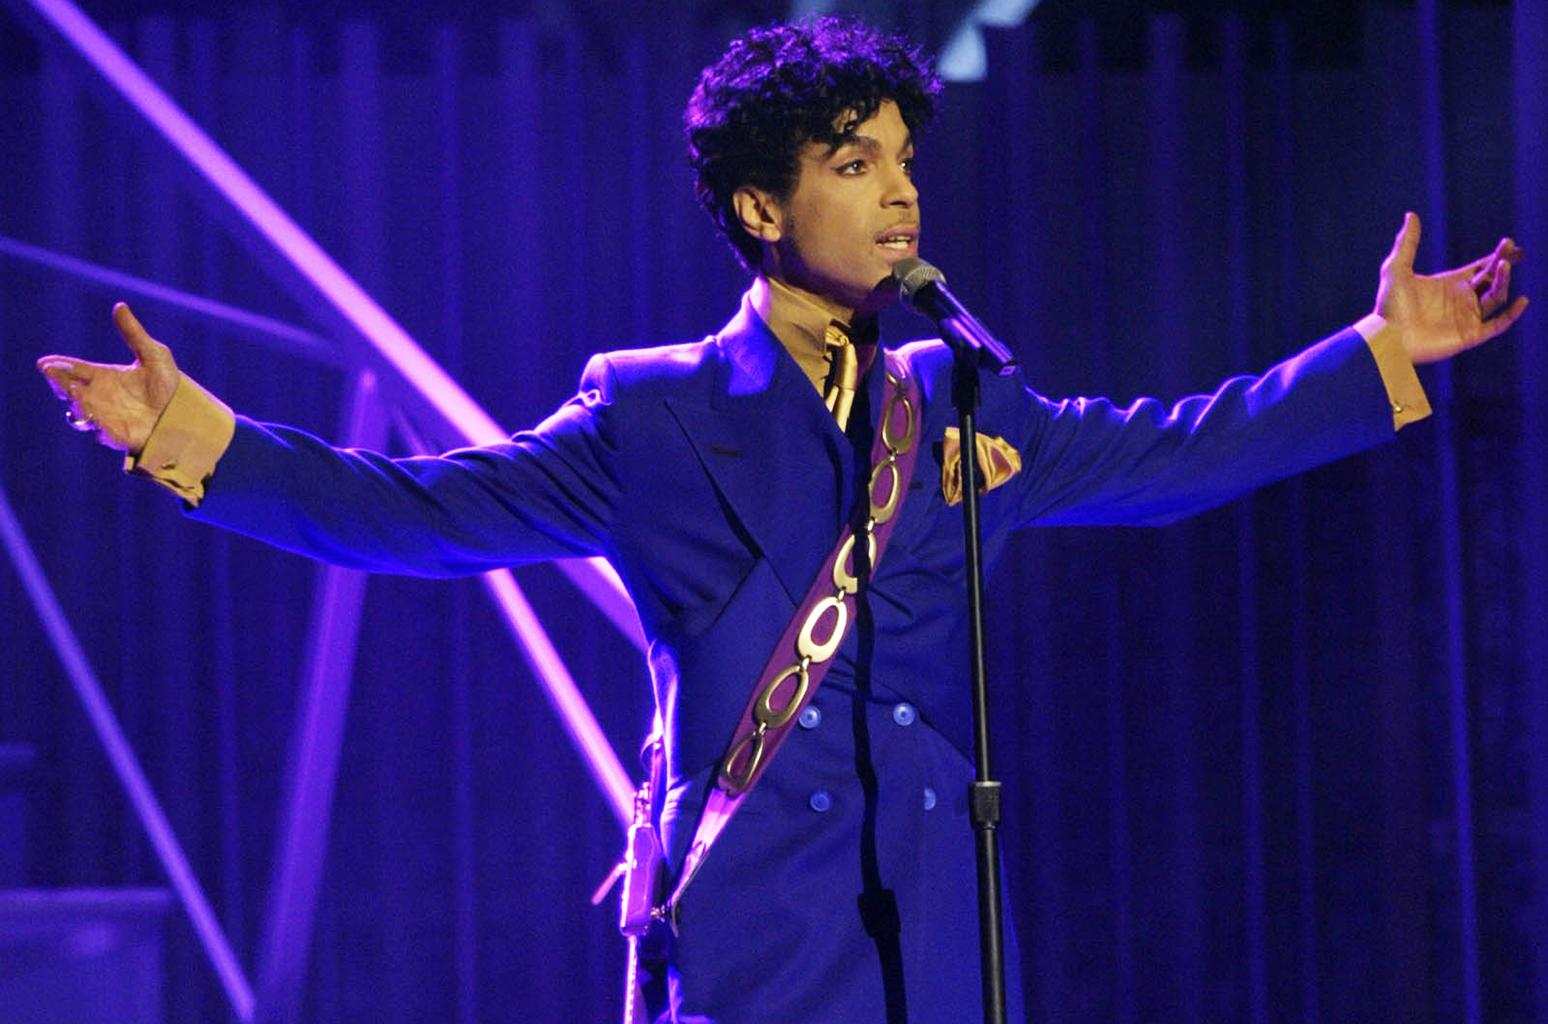 Tom Petty masturbandose al viento - An American Treasure - Página 13 Prince-2004-purple-billboard-1548